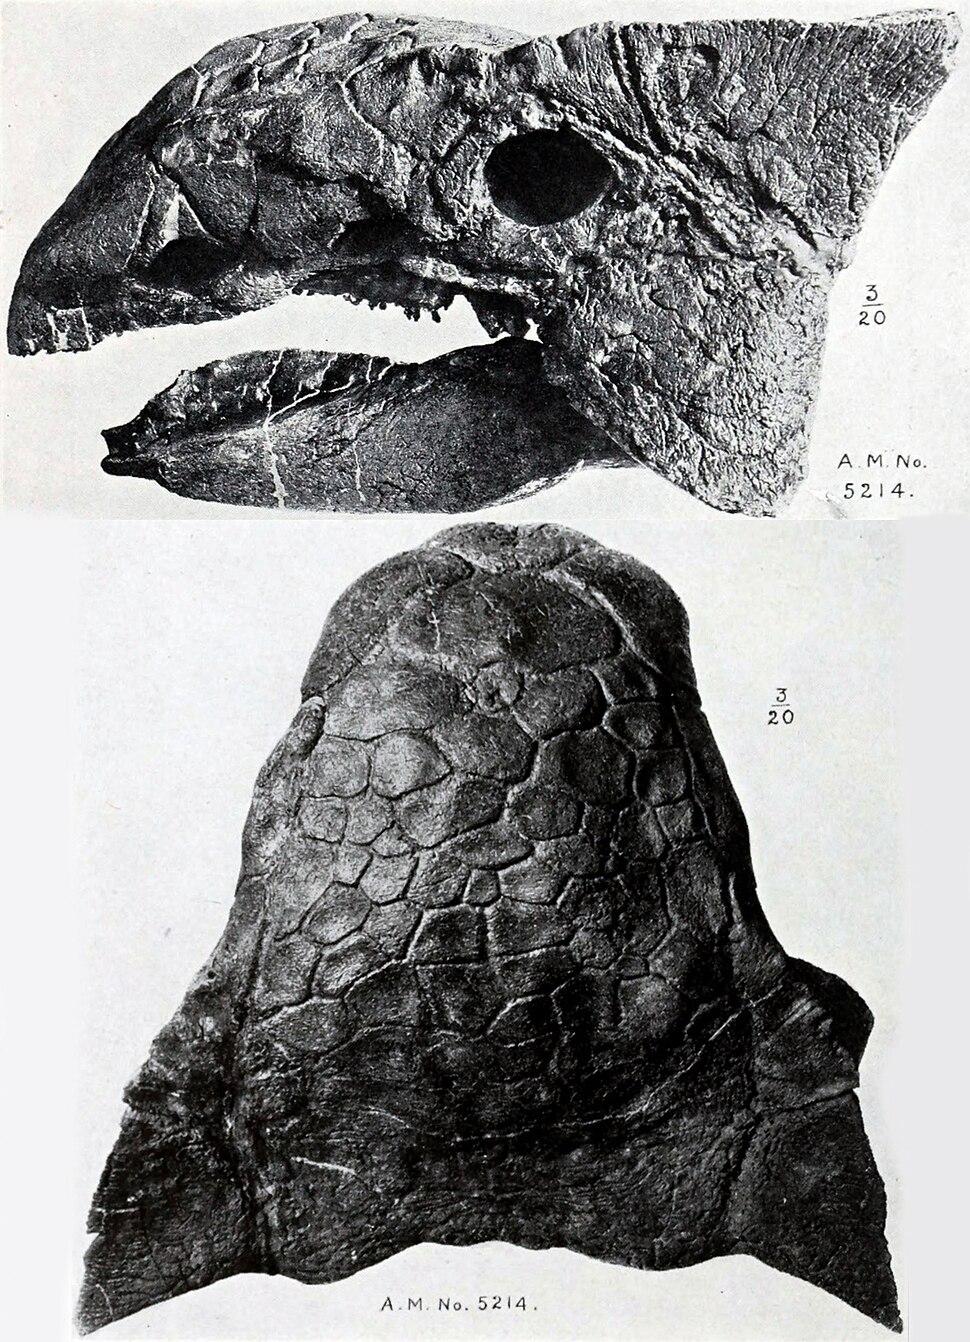 Ankylosaurus skull AMNH